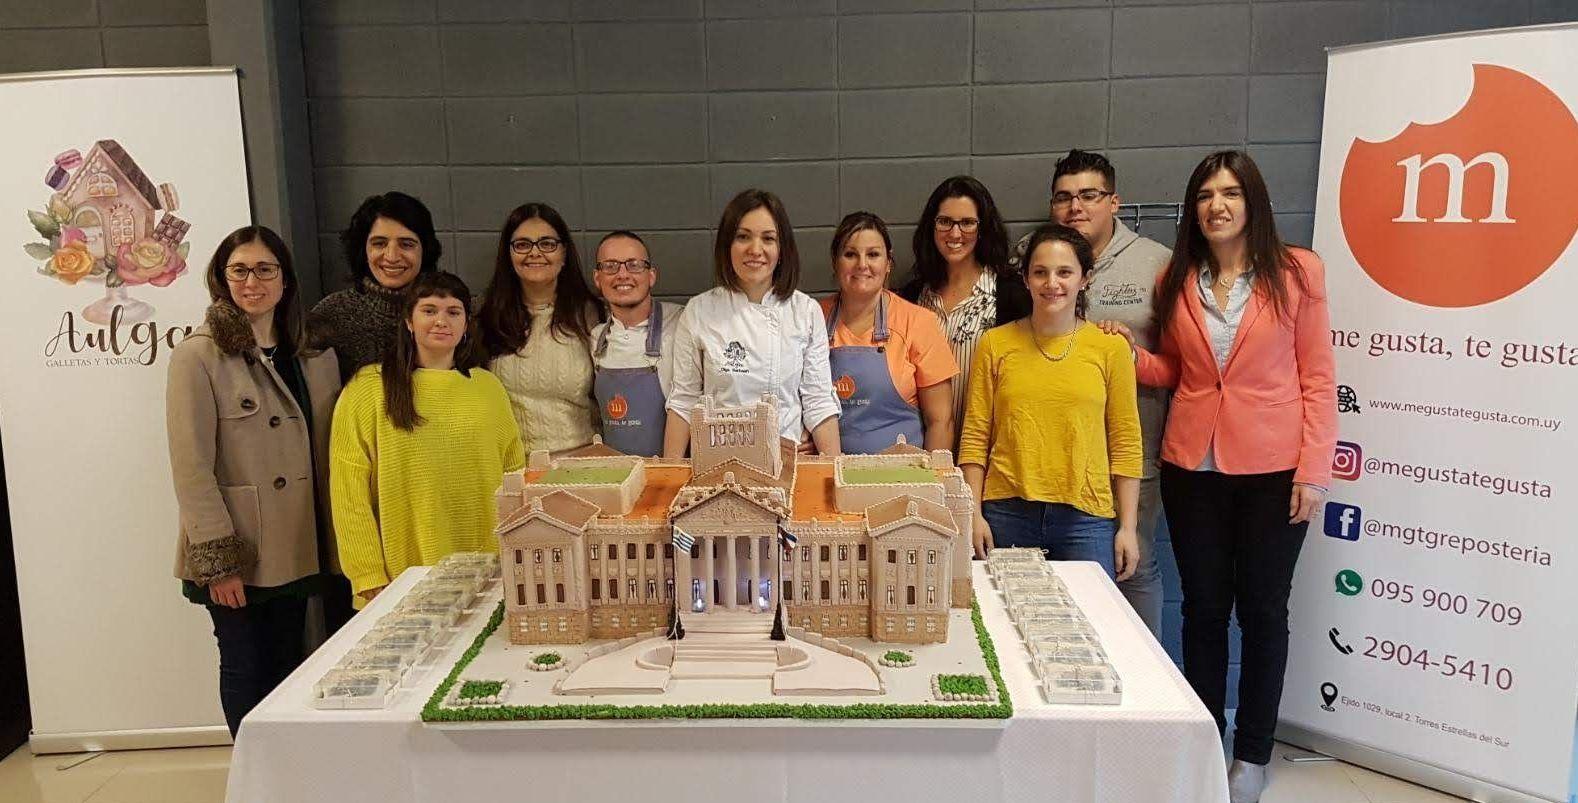 Parte del equipo que elaboró el Parlamento uruguayo en galleta rusa